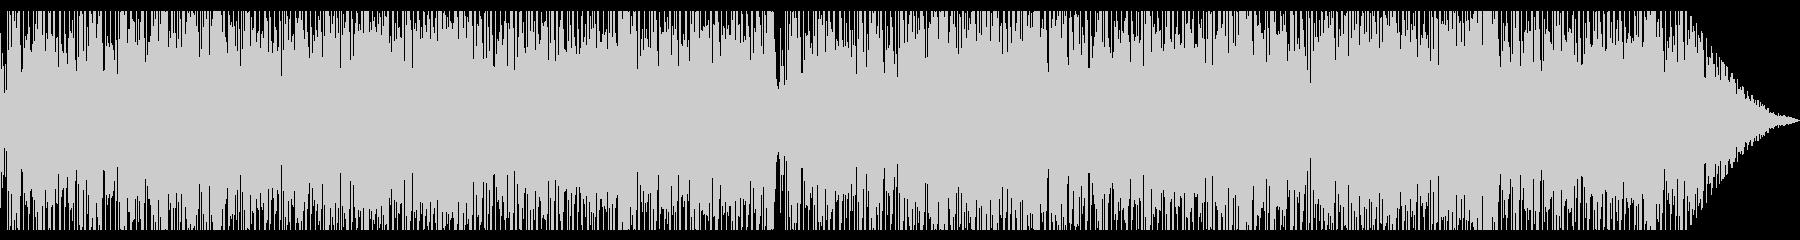 クラシックギターソロの軽快なラテンBGMの未再生の波形